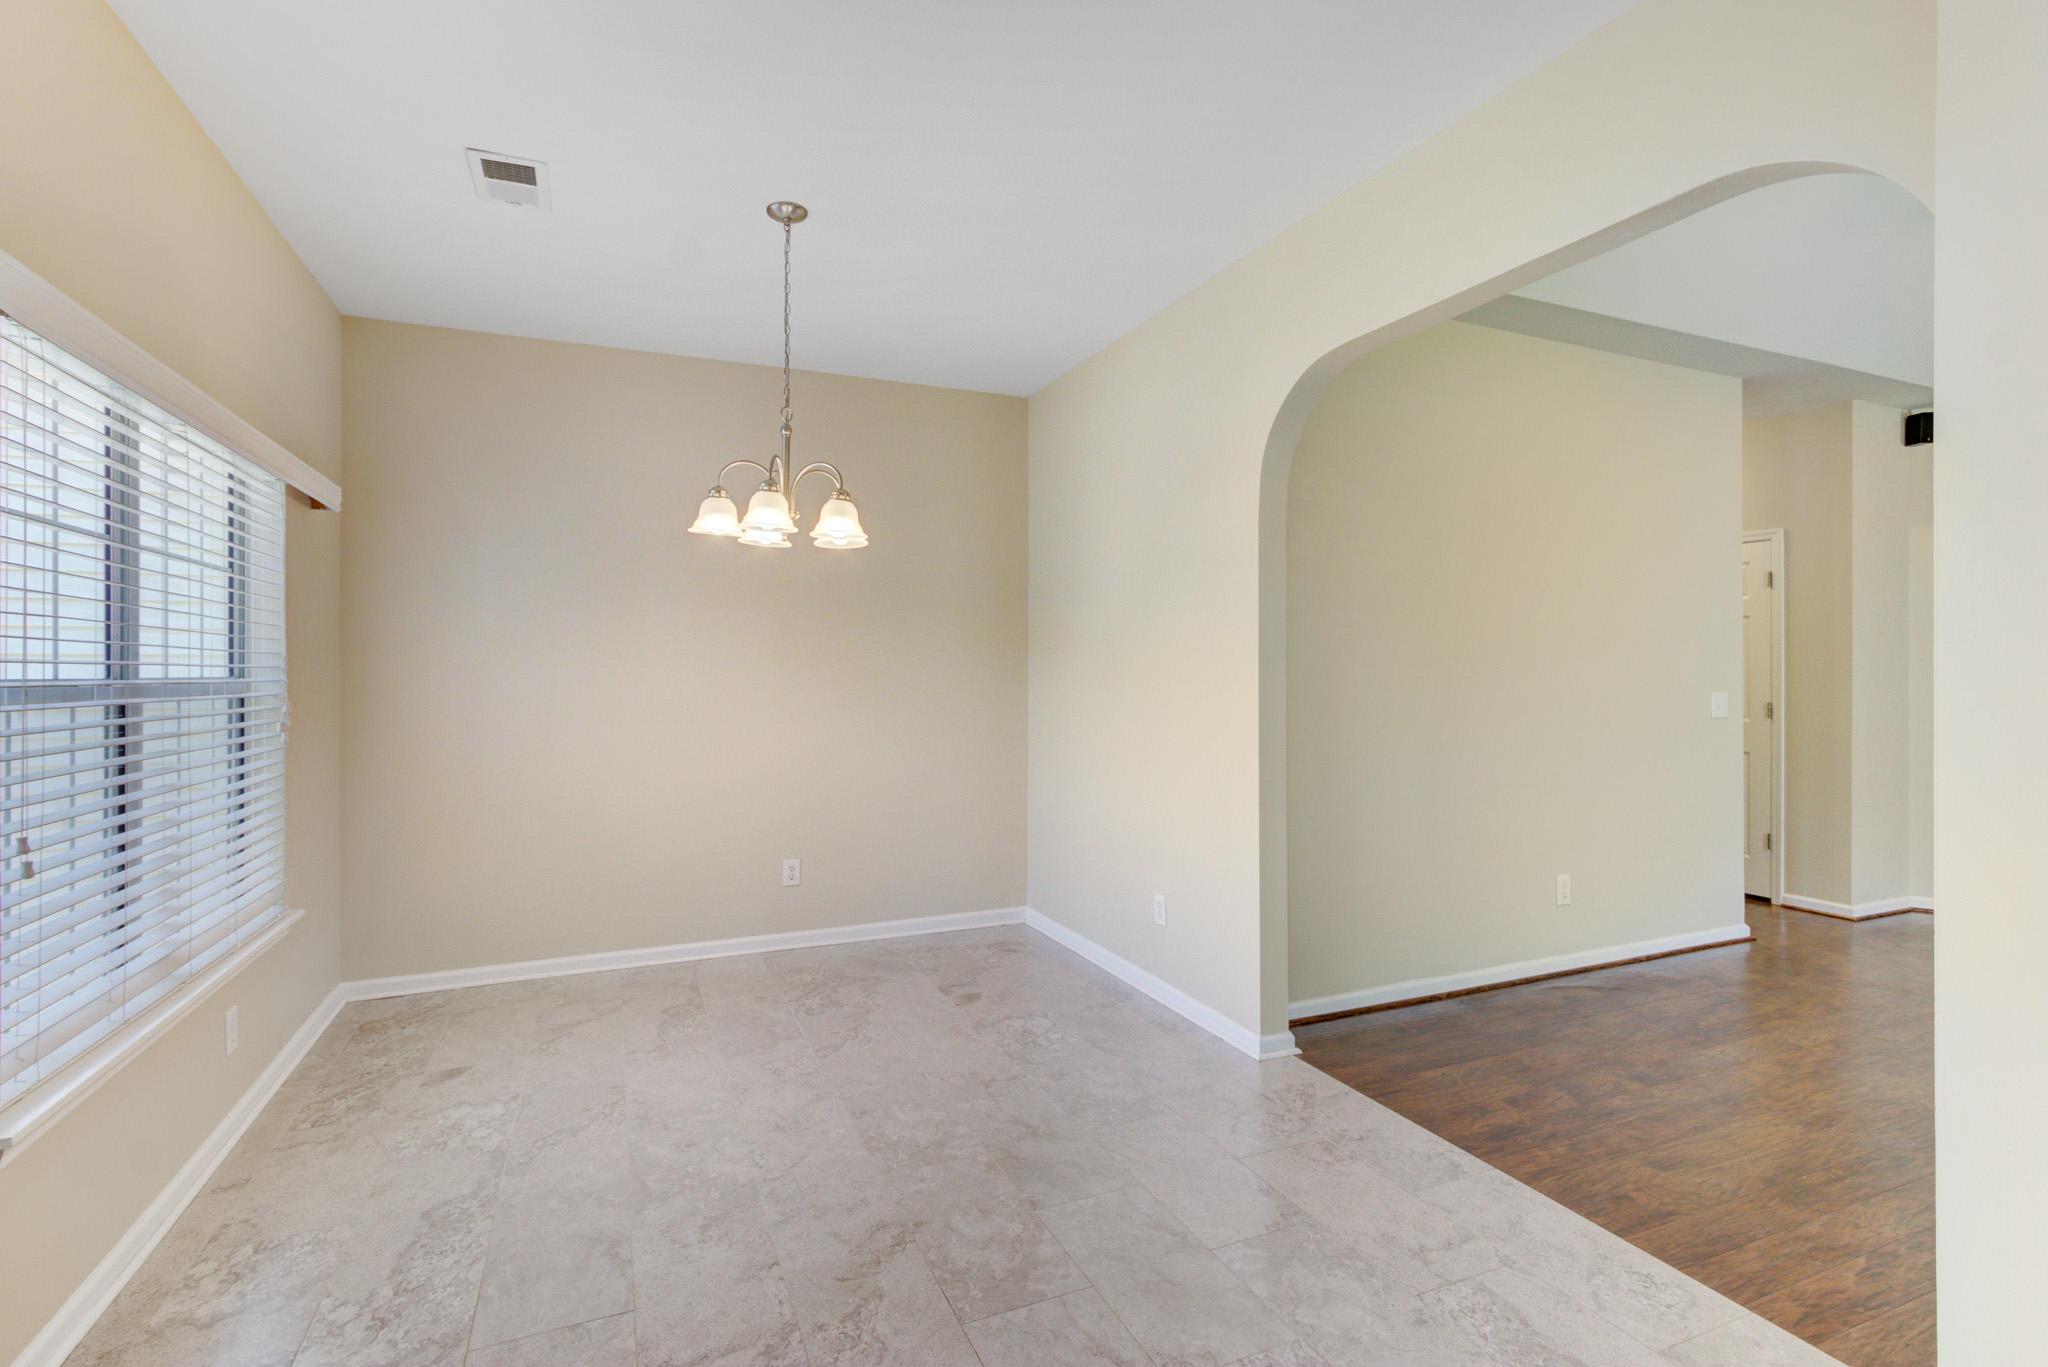 Dunes West Homes For Sale - 1645 Pin Oak Cut, Mount Pleasant, SC - 10